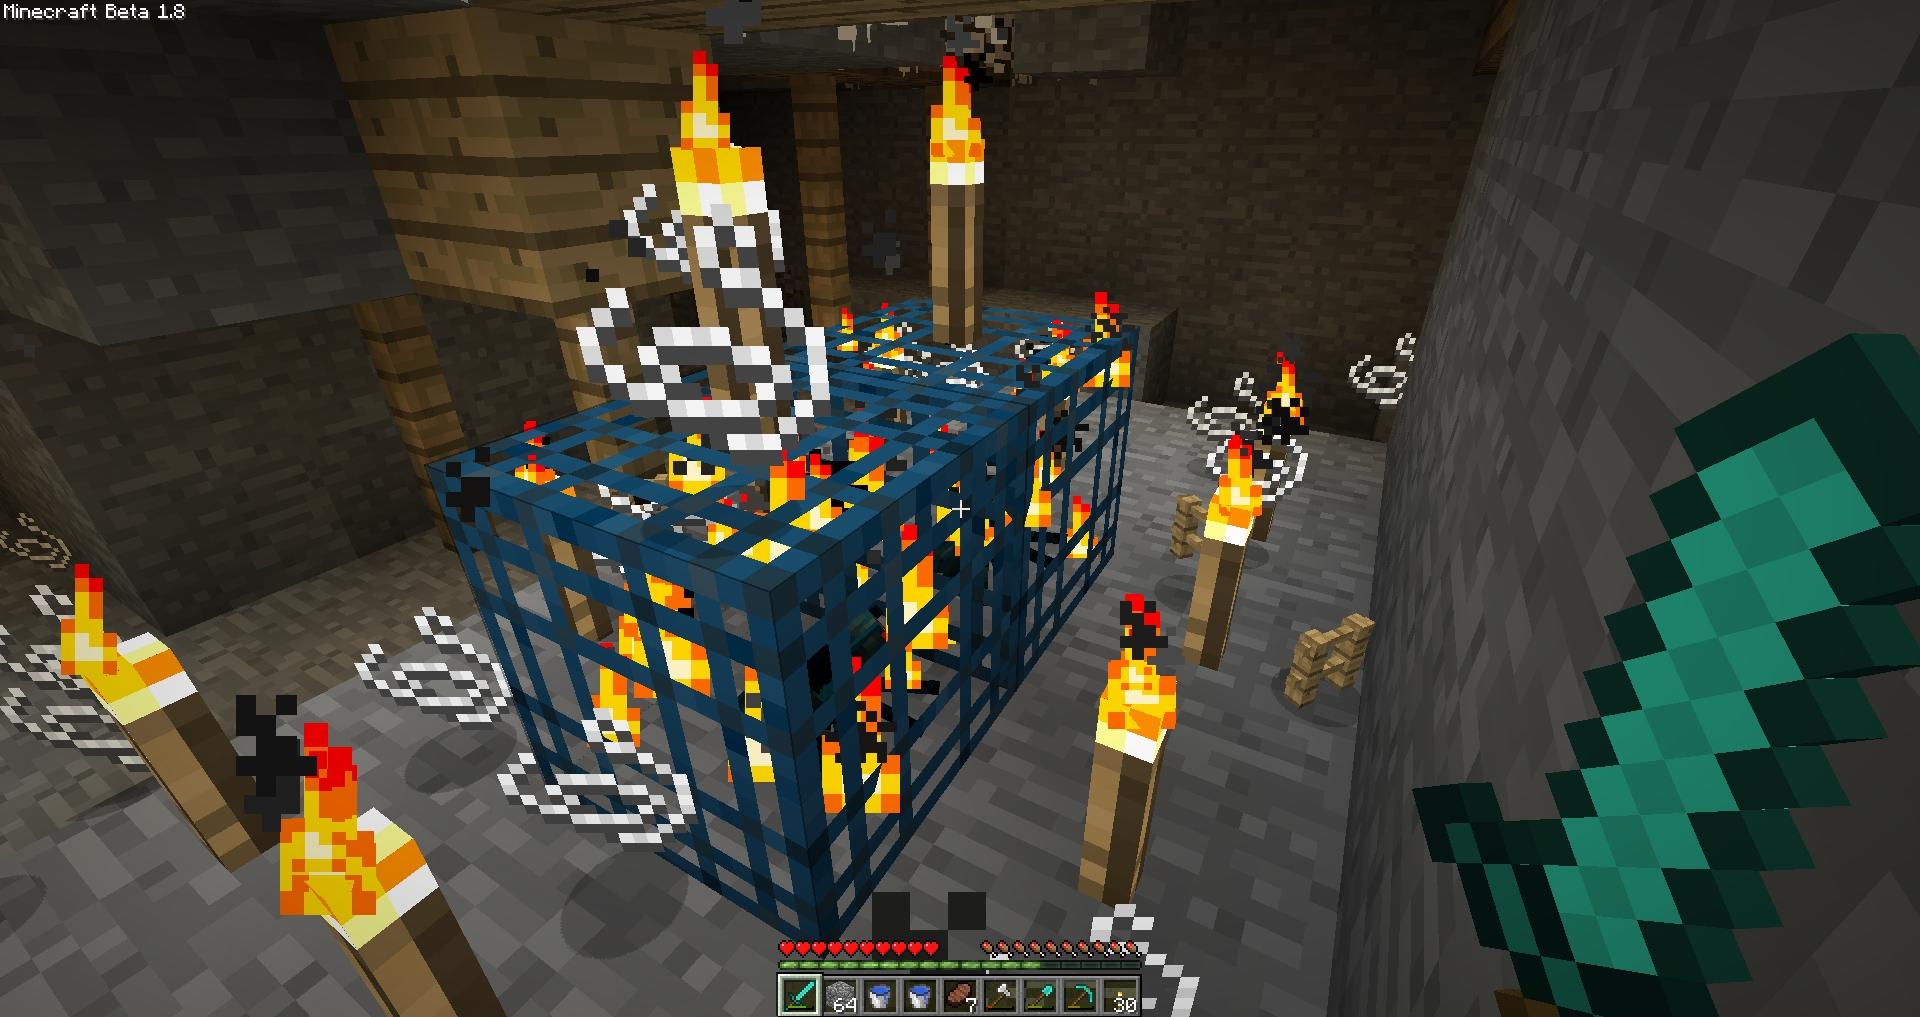 Minecraft bilder thread seite 6 - Minecraft bilder ...